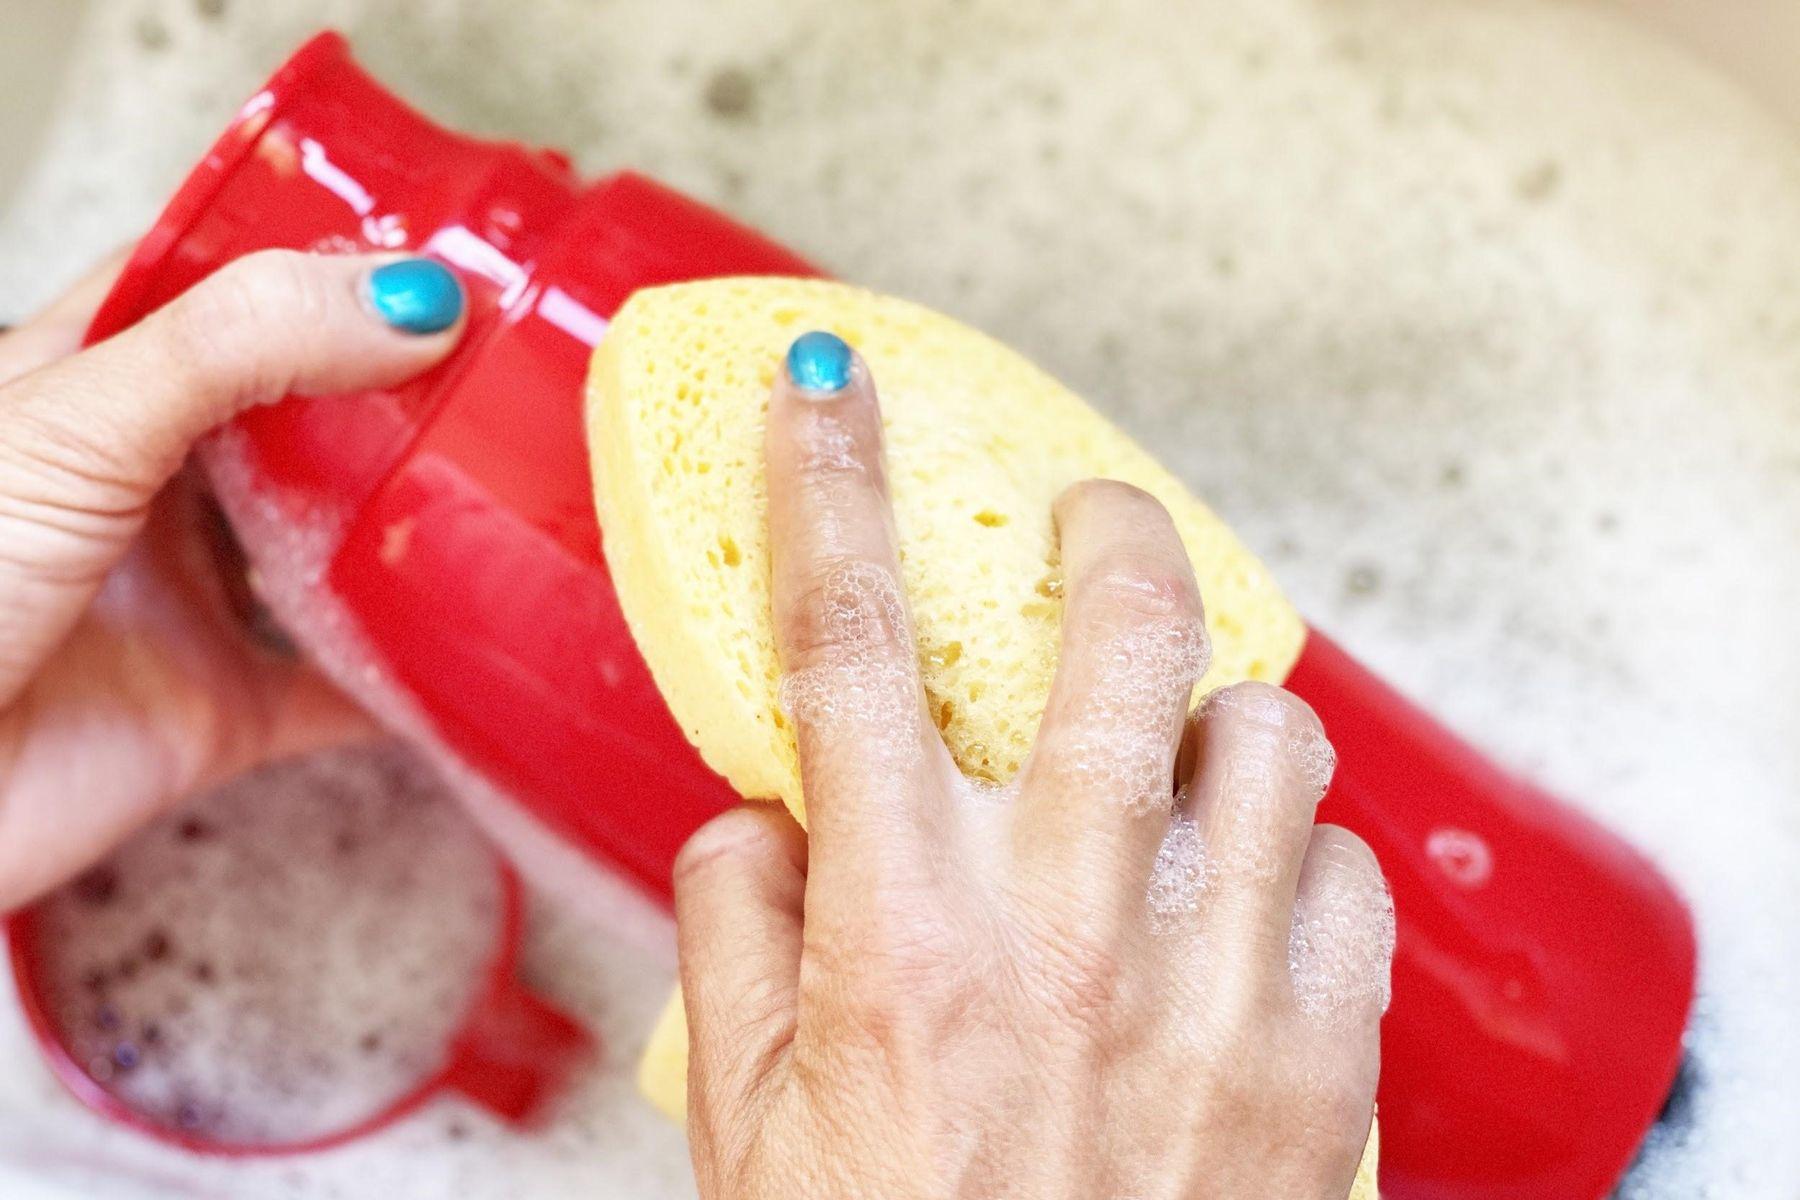 Mãos lavam uma garrafa vermelha na pia com espuma